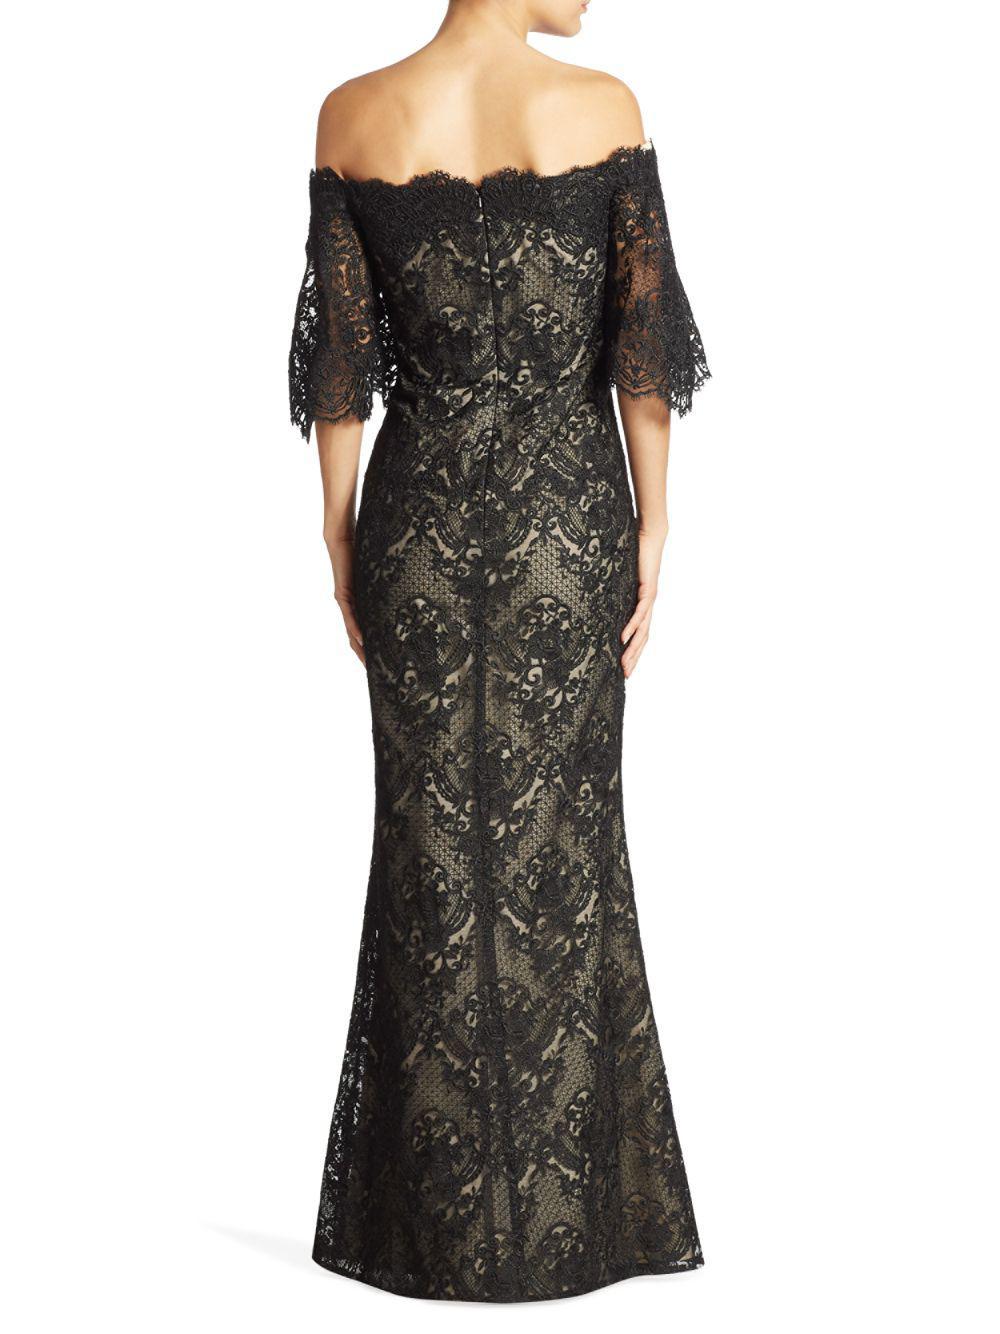 7d9c349876c Basix Black Label - Black Dolmain Off-the-shoulder Lace Gown - Lyst. View  fullscreen